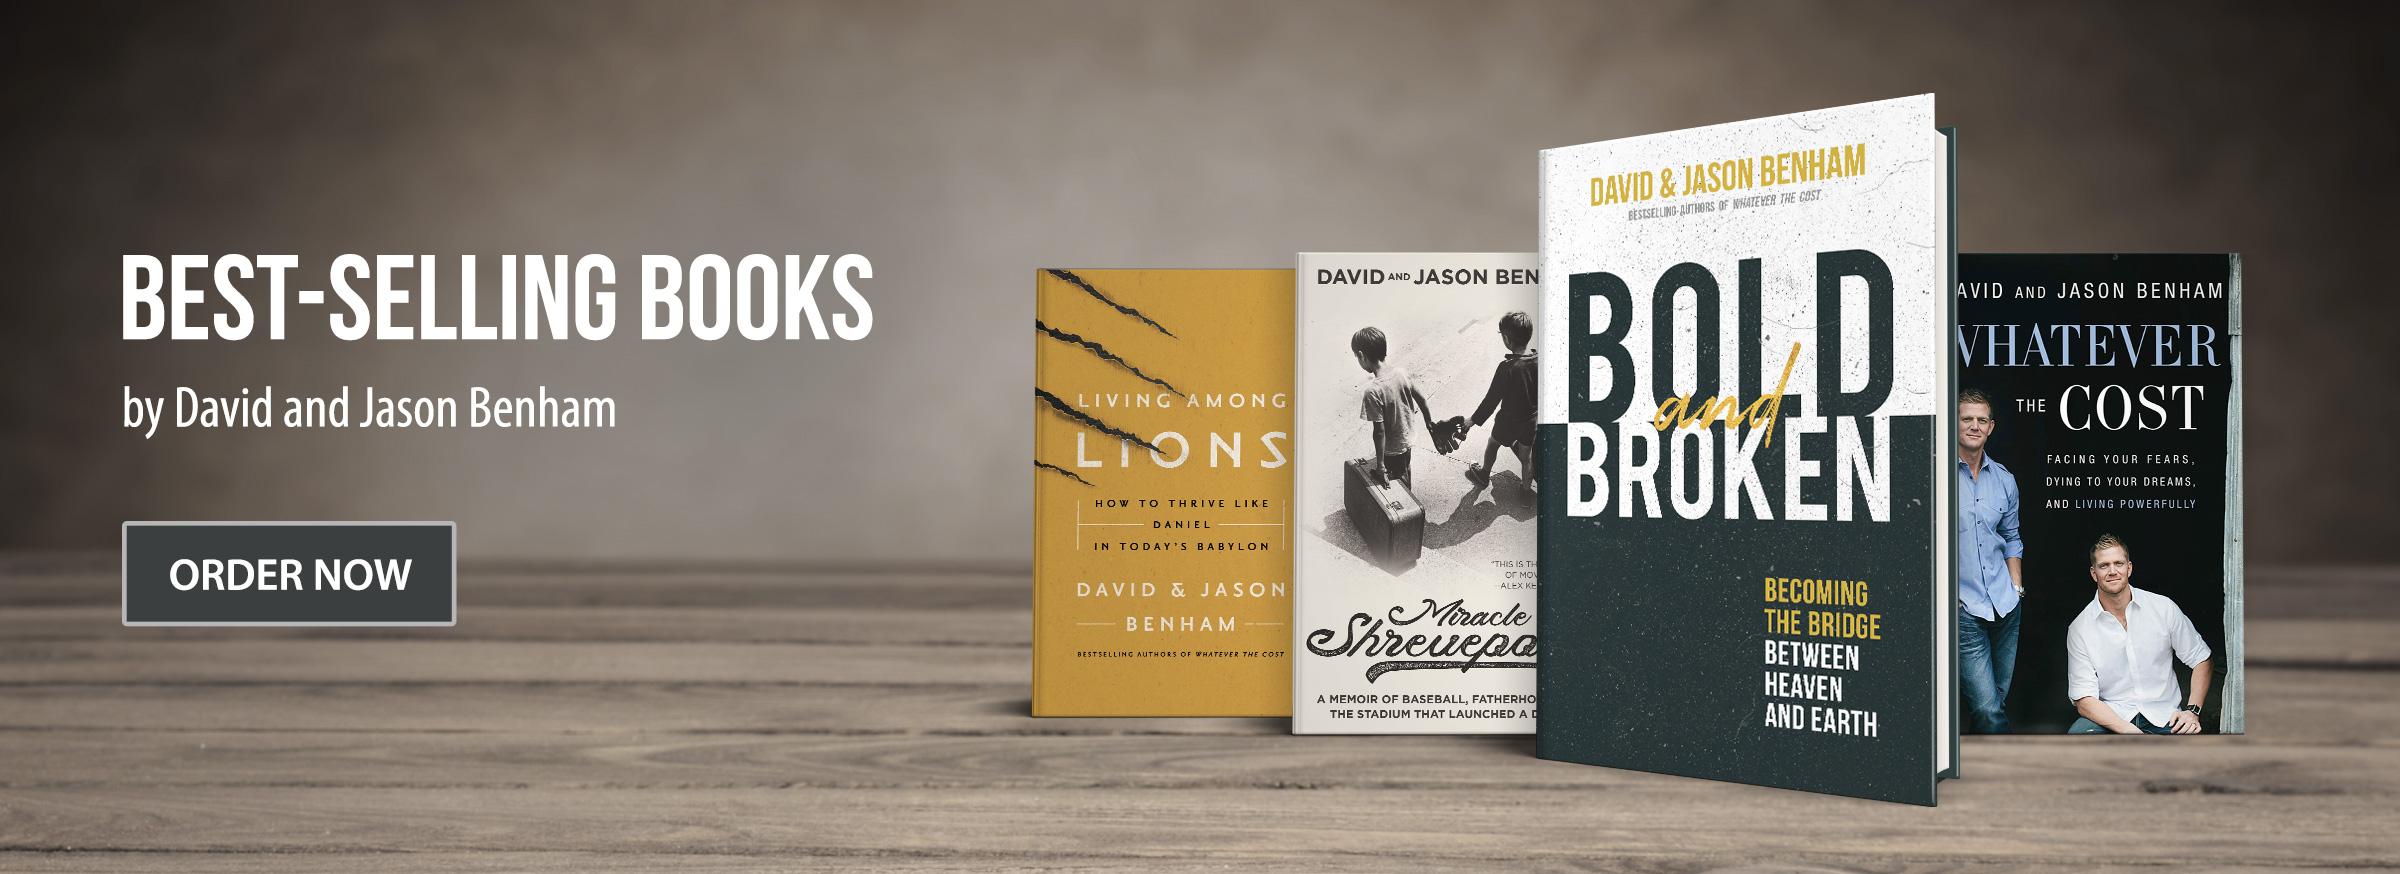 BenhamBooks2